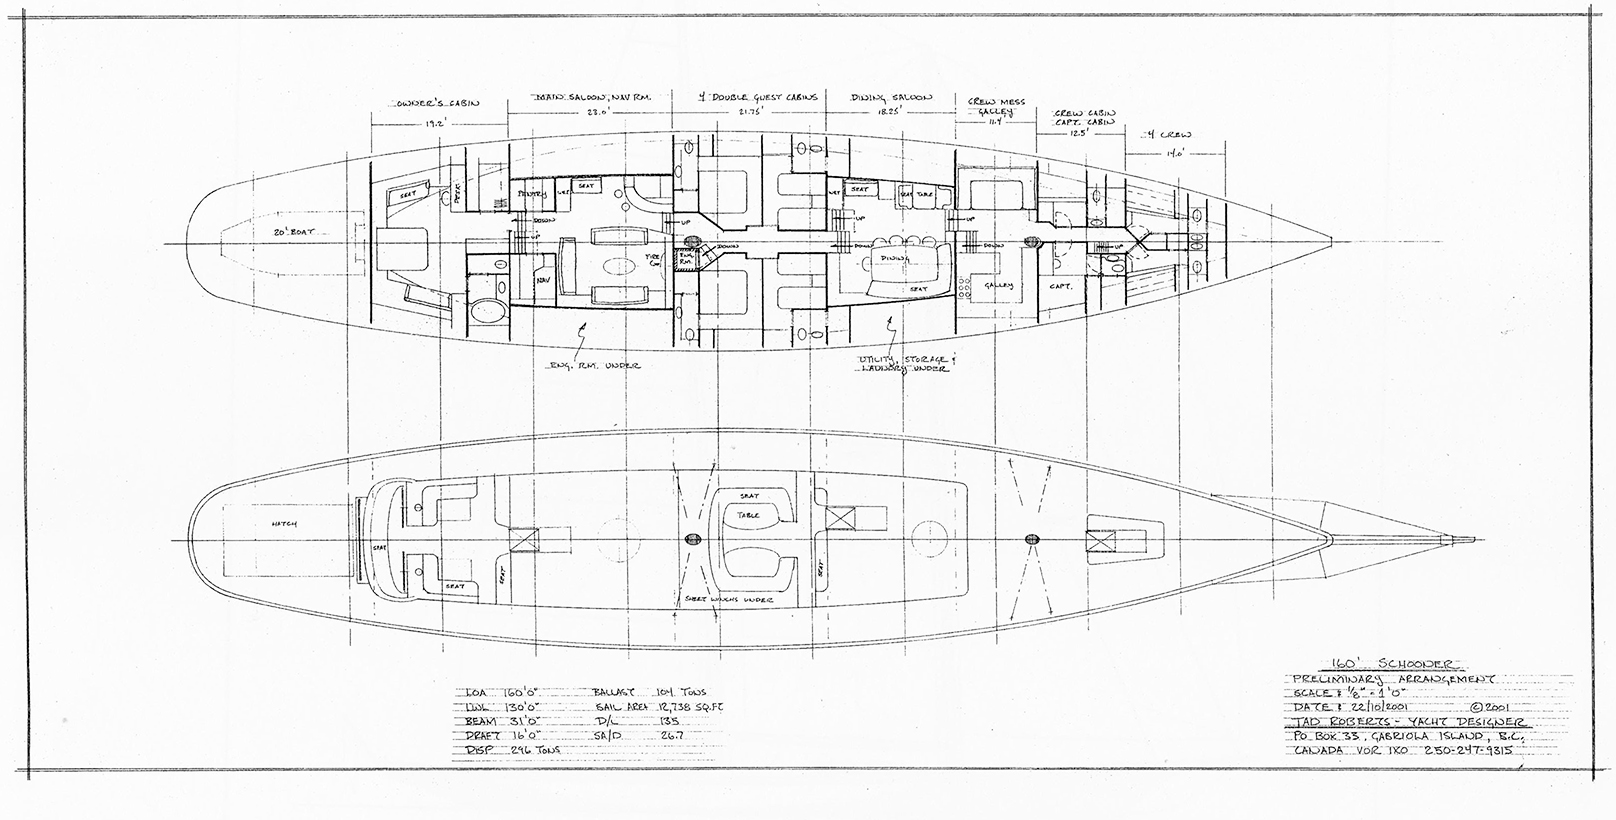 160' Schooner arrangement